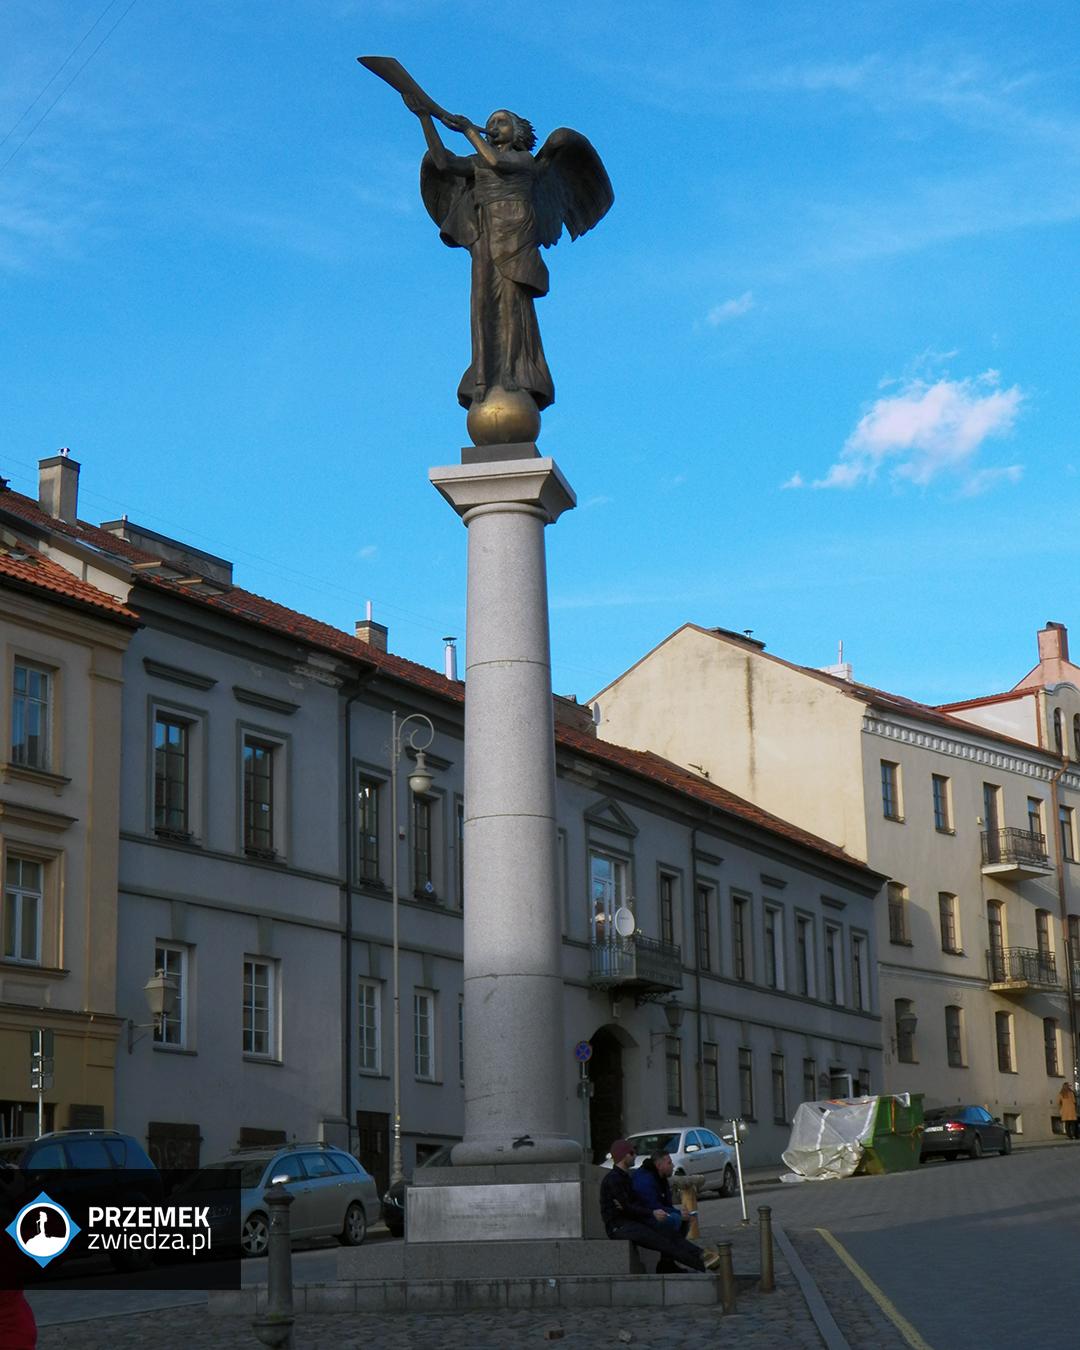 Wilno Anioł Zarzecza - symbol dzielnicy